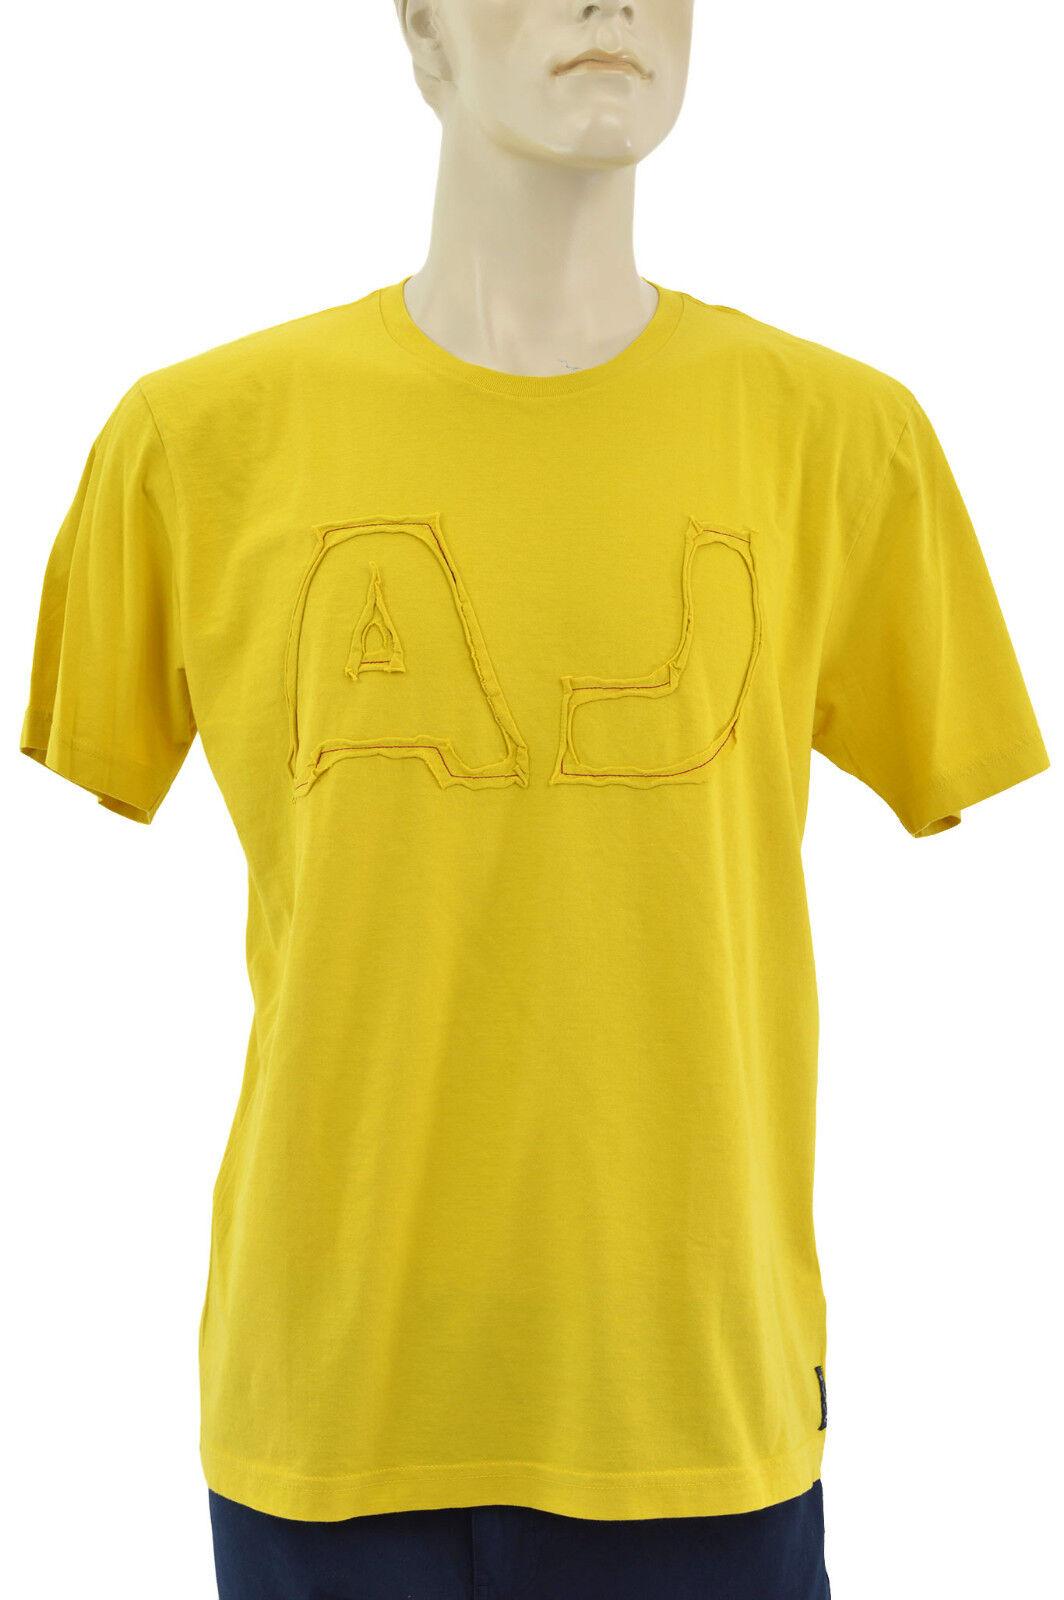 ARMANI JEANS Yellow AJ LOGO Men's T-Shirt Size L